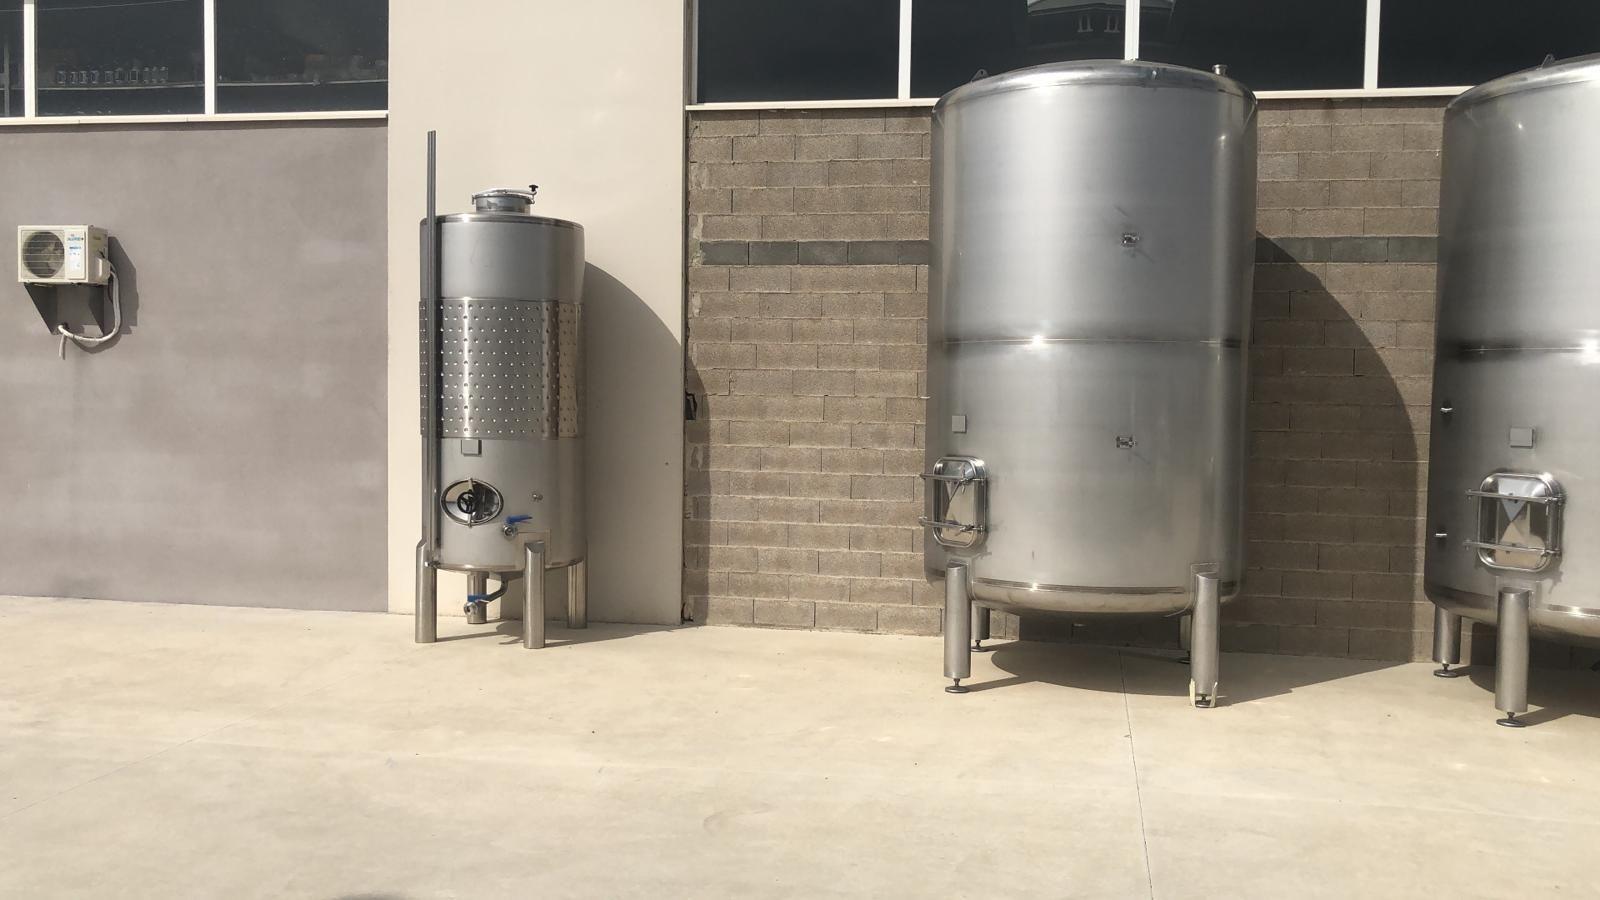 Foto 29 de Compraventa de maquinaria industrial de alimentación en  | MAQUIMUR